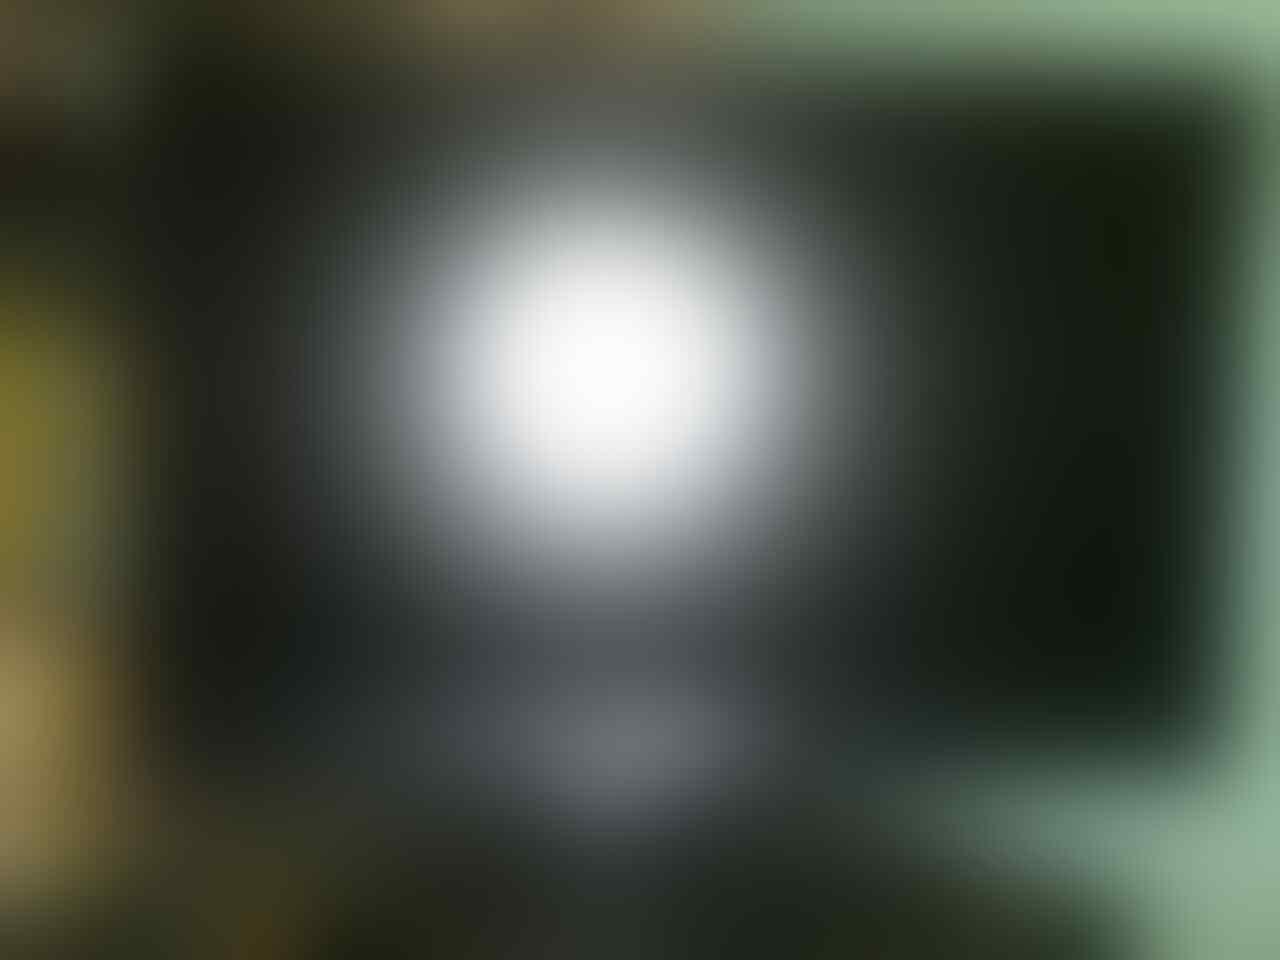 TV LED 19 inch type 19ls3300 baru 2 bulan pake